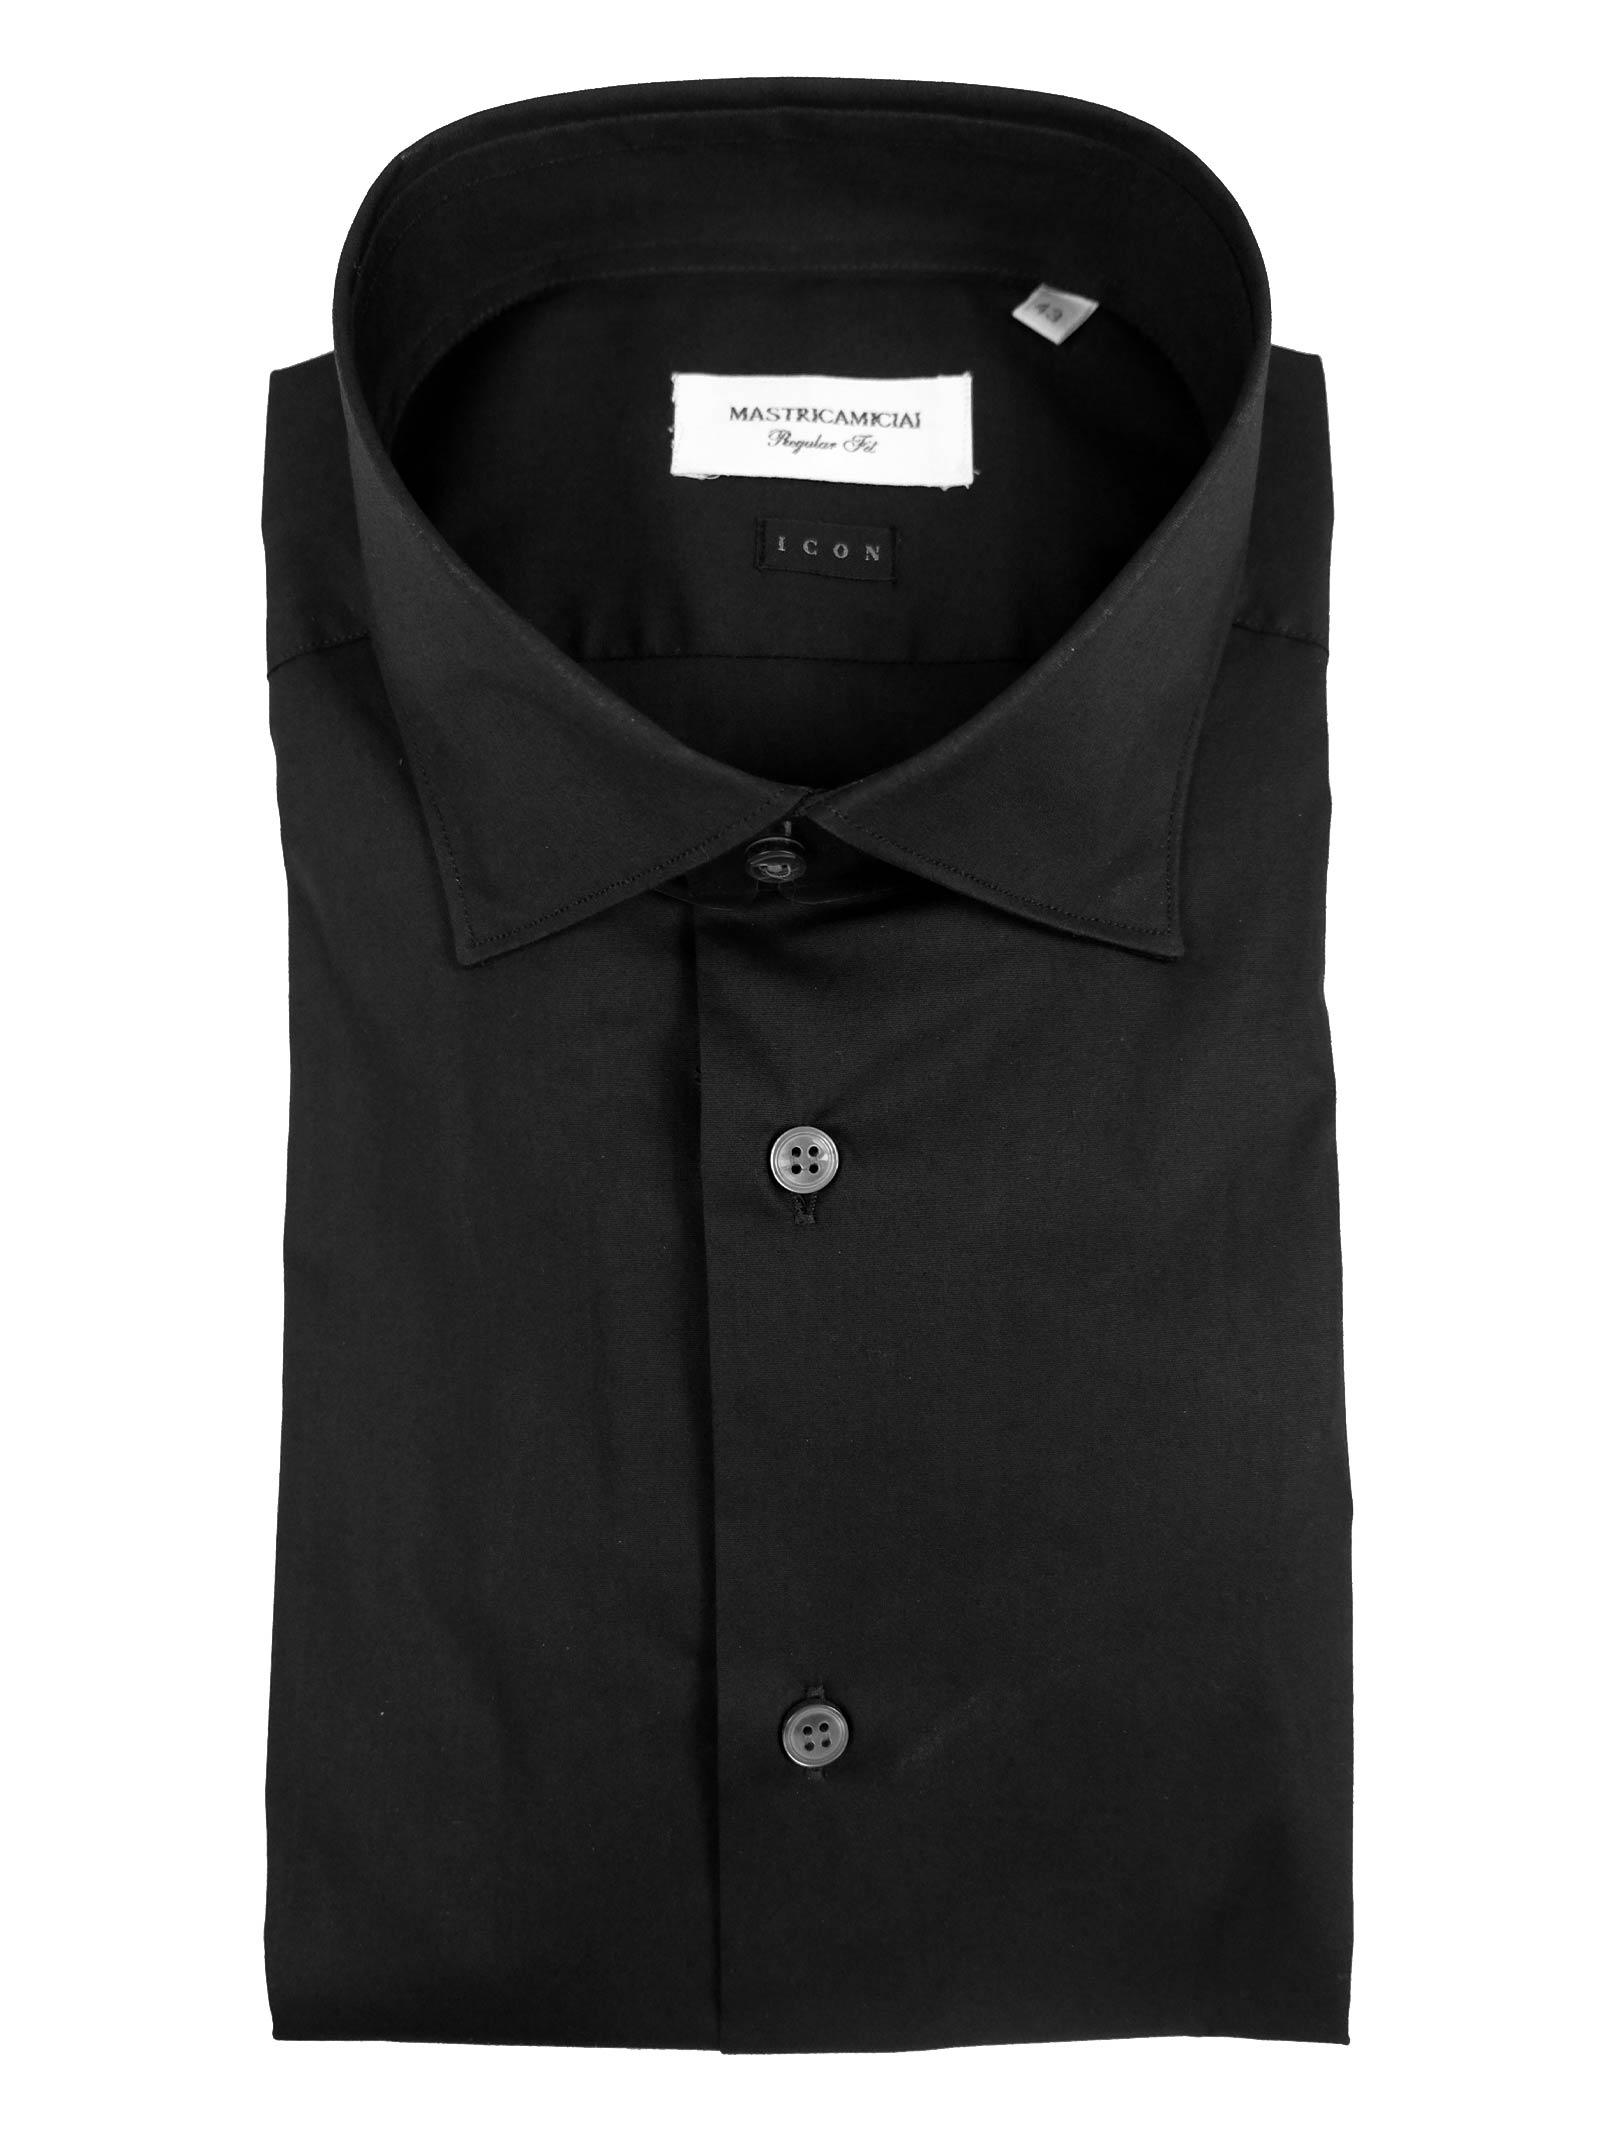 MASTRI CAMICIAI | Shirts | LUCA IR049CN457